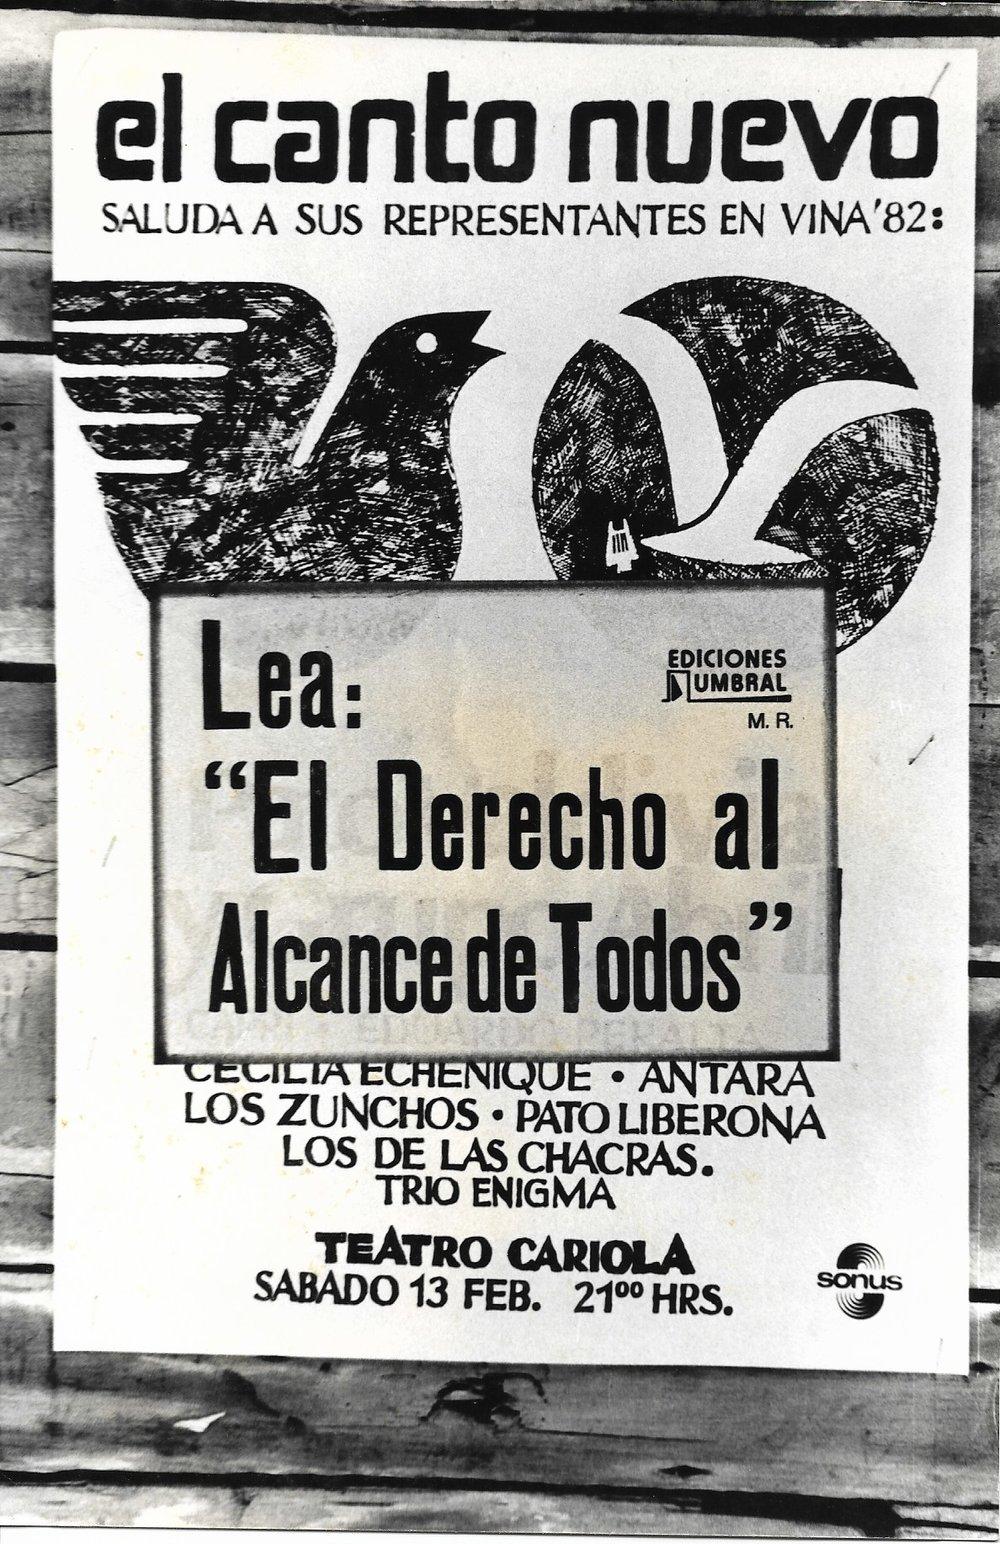 <span>'El Canto Nuevo'</span>